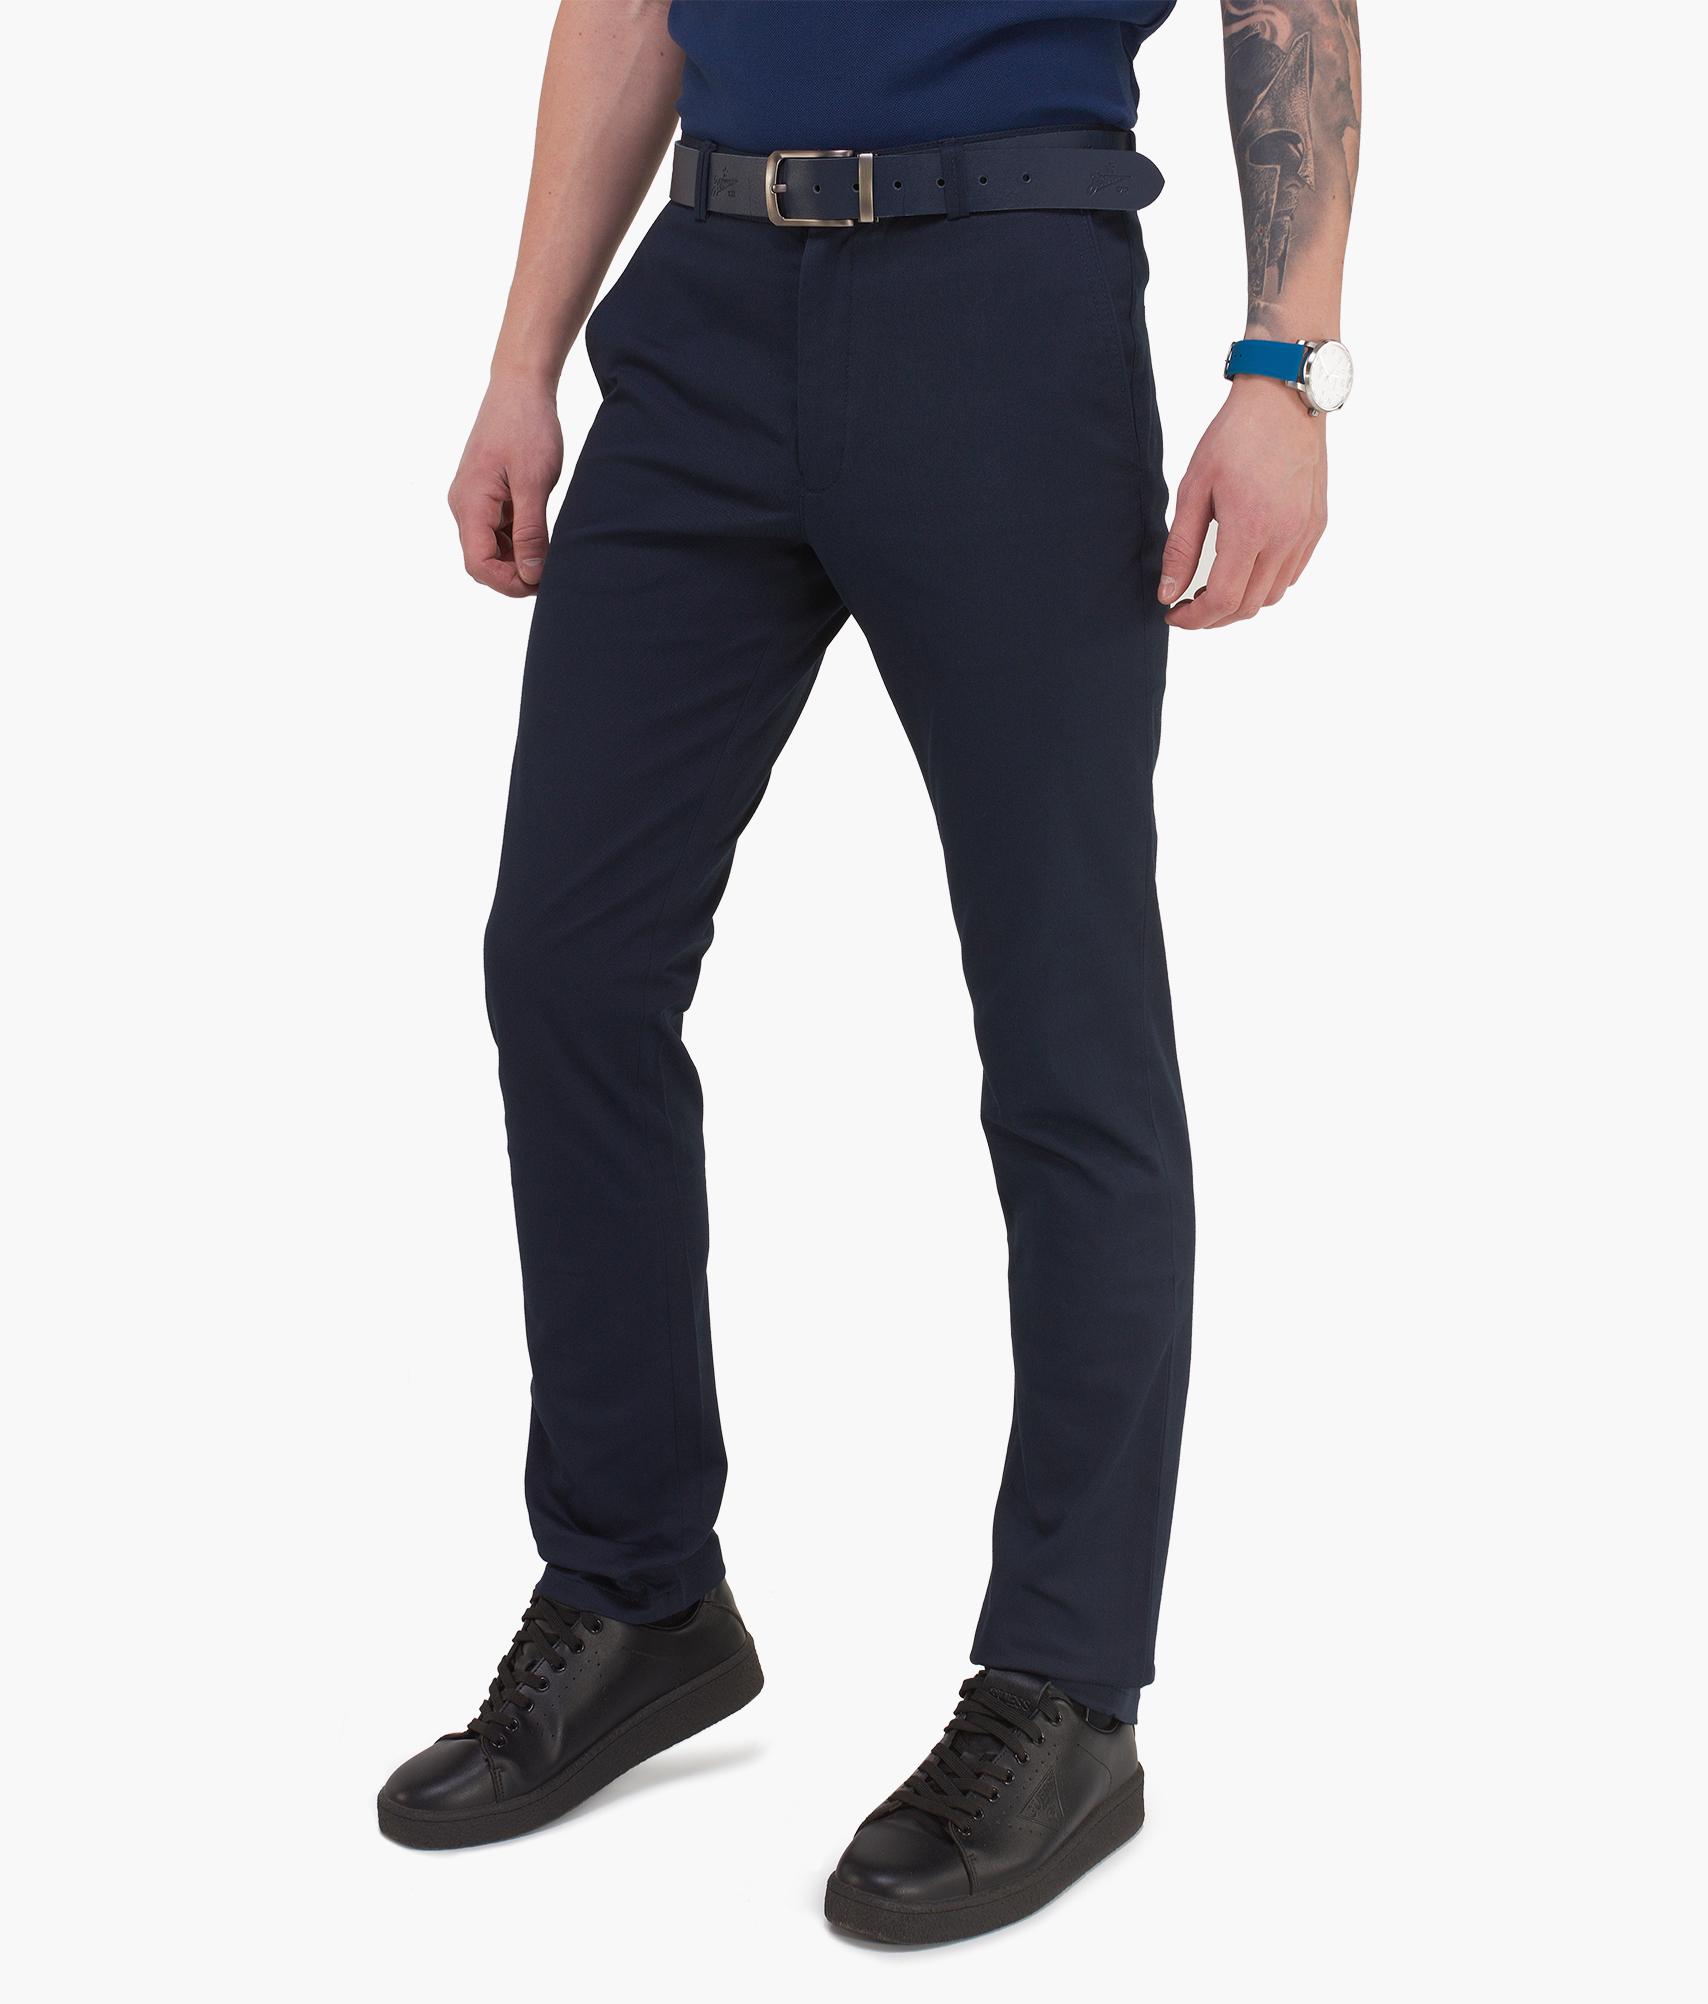 Фото - Брюки мужские Зенит Цвет-Темно-Синий брюки мужские oodji lab цвет темно синий 2l100082m 44215n 7900n размер 42 182 50 182